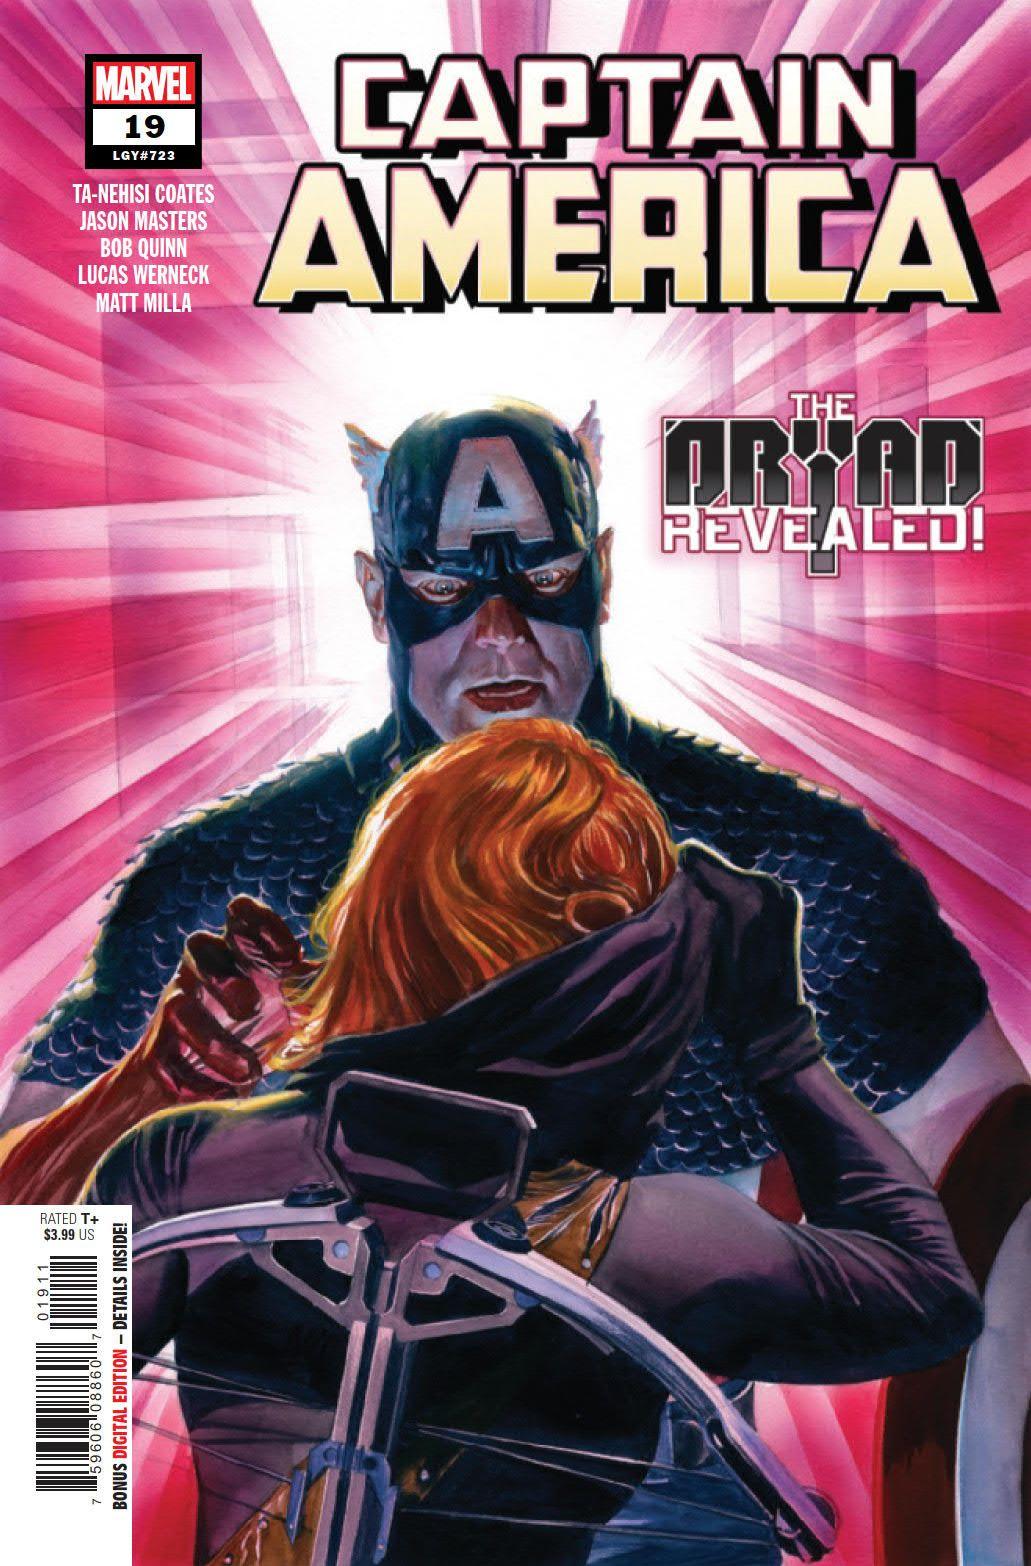 Captain America #19 | CBR